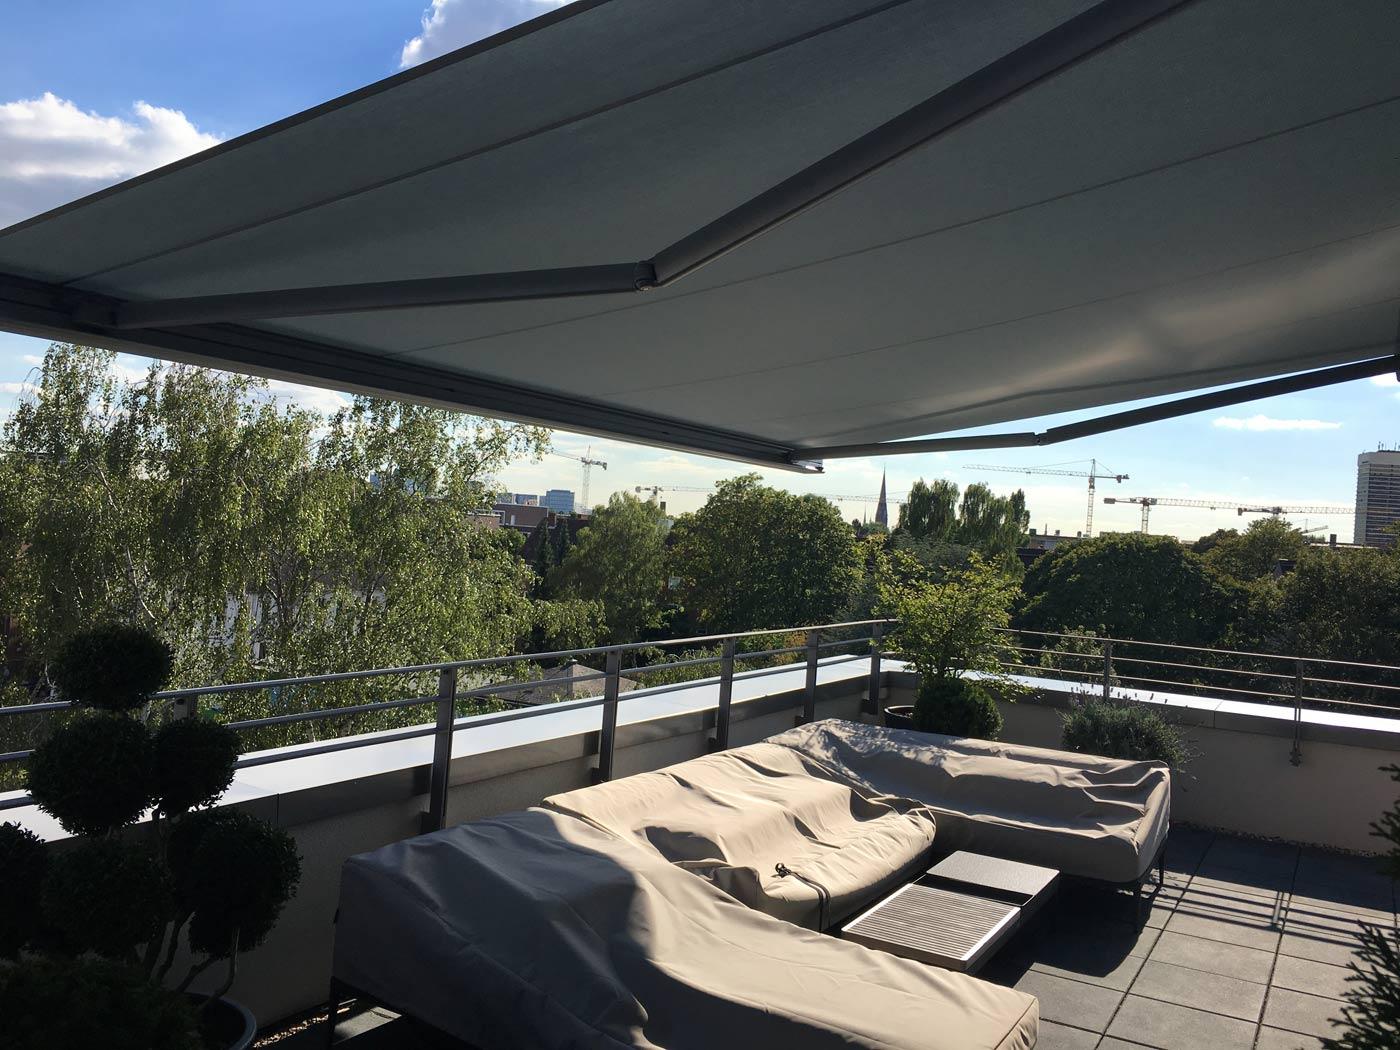 Markisen Droste Sonnenschutzsysteme Markisen Rollladen